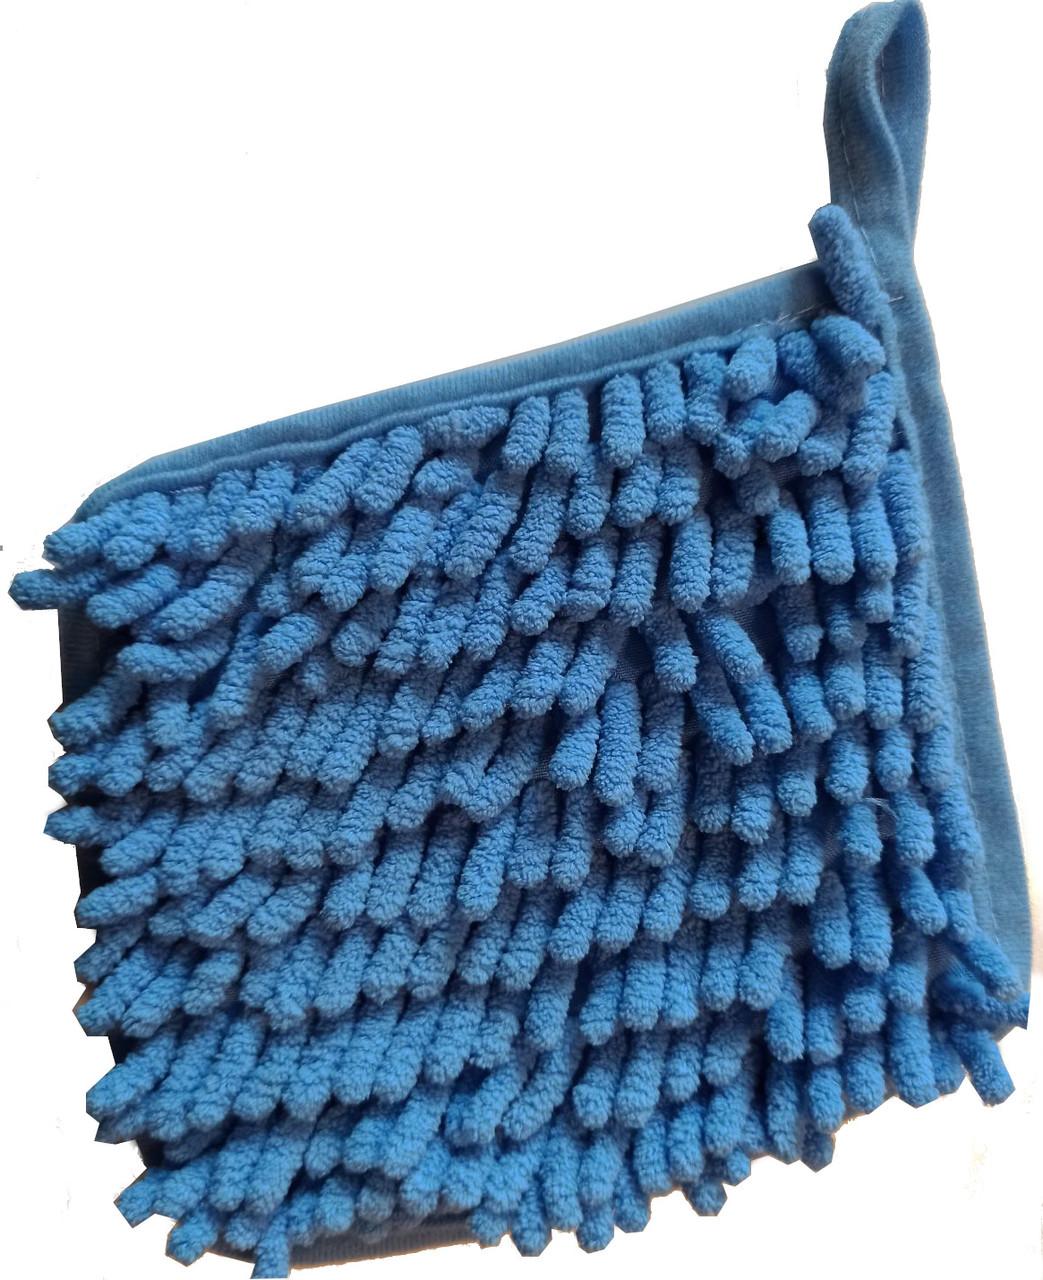 Мочалка із мікрофібри для витирання крейди і маркера з дошки або плівки